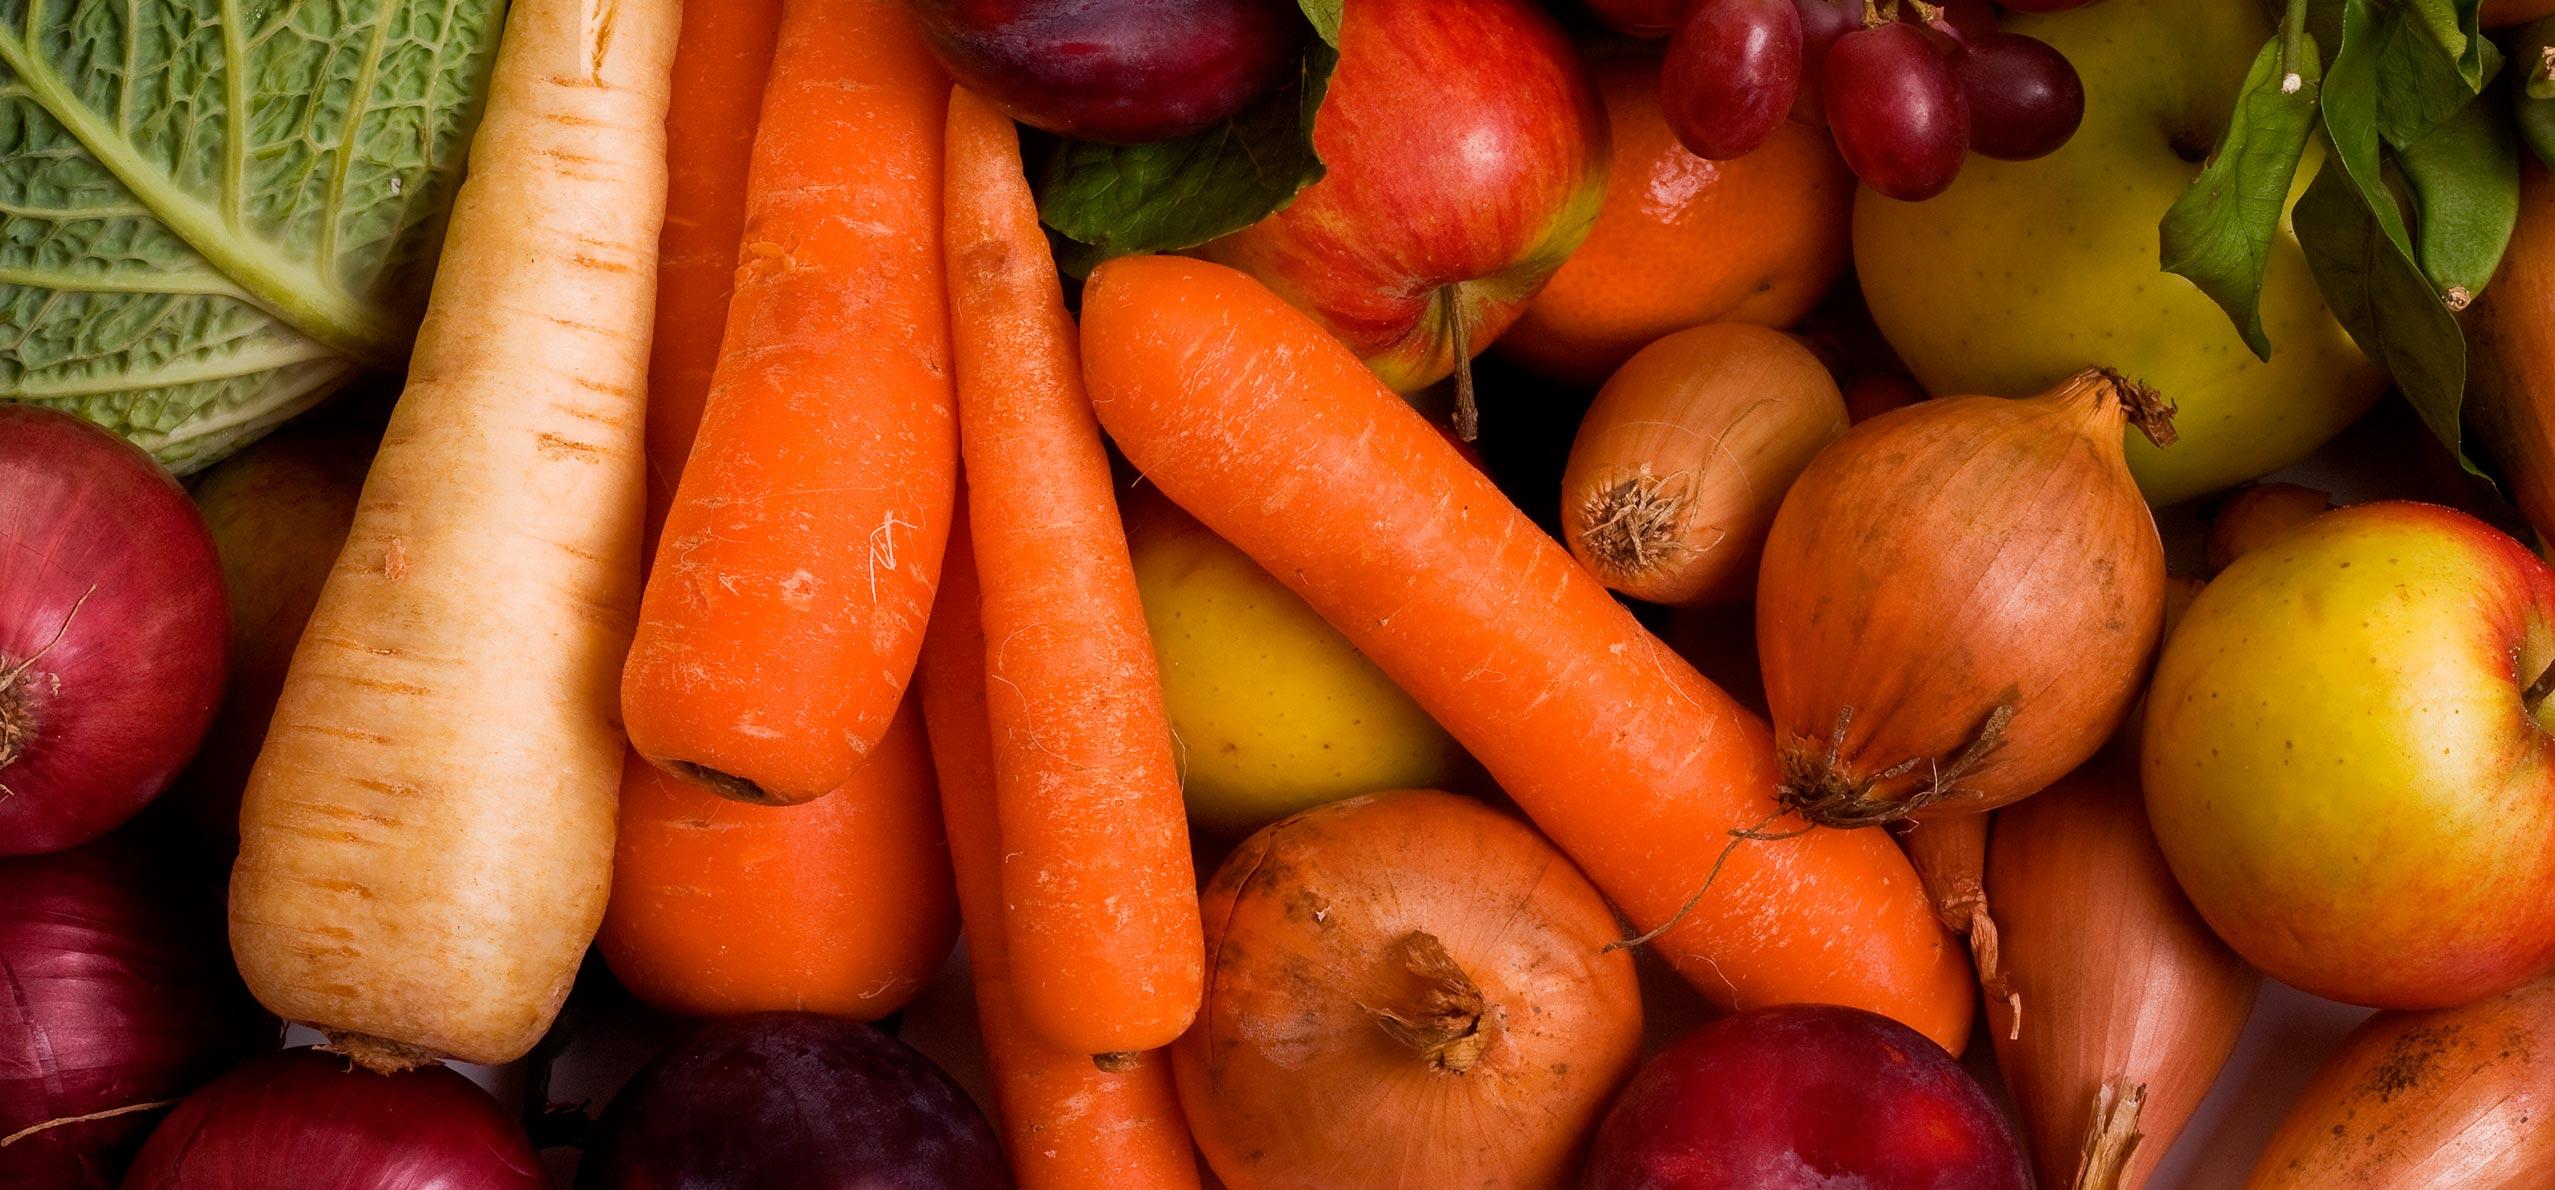 Hortalizas y verduras en todos los formatos